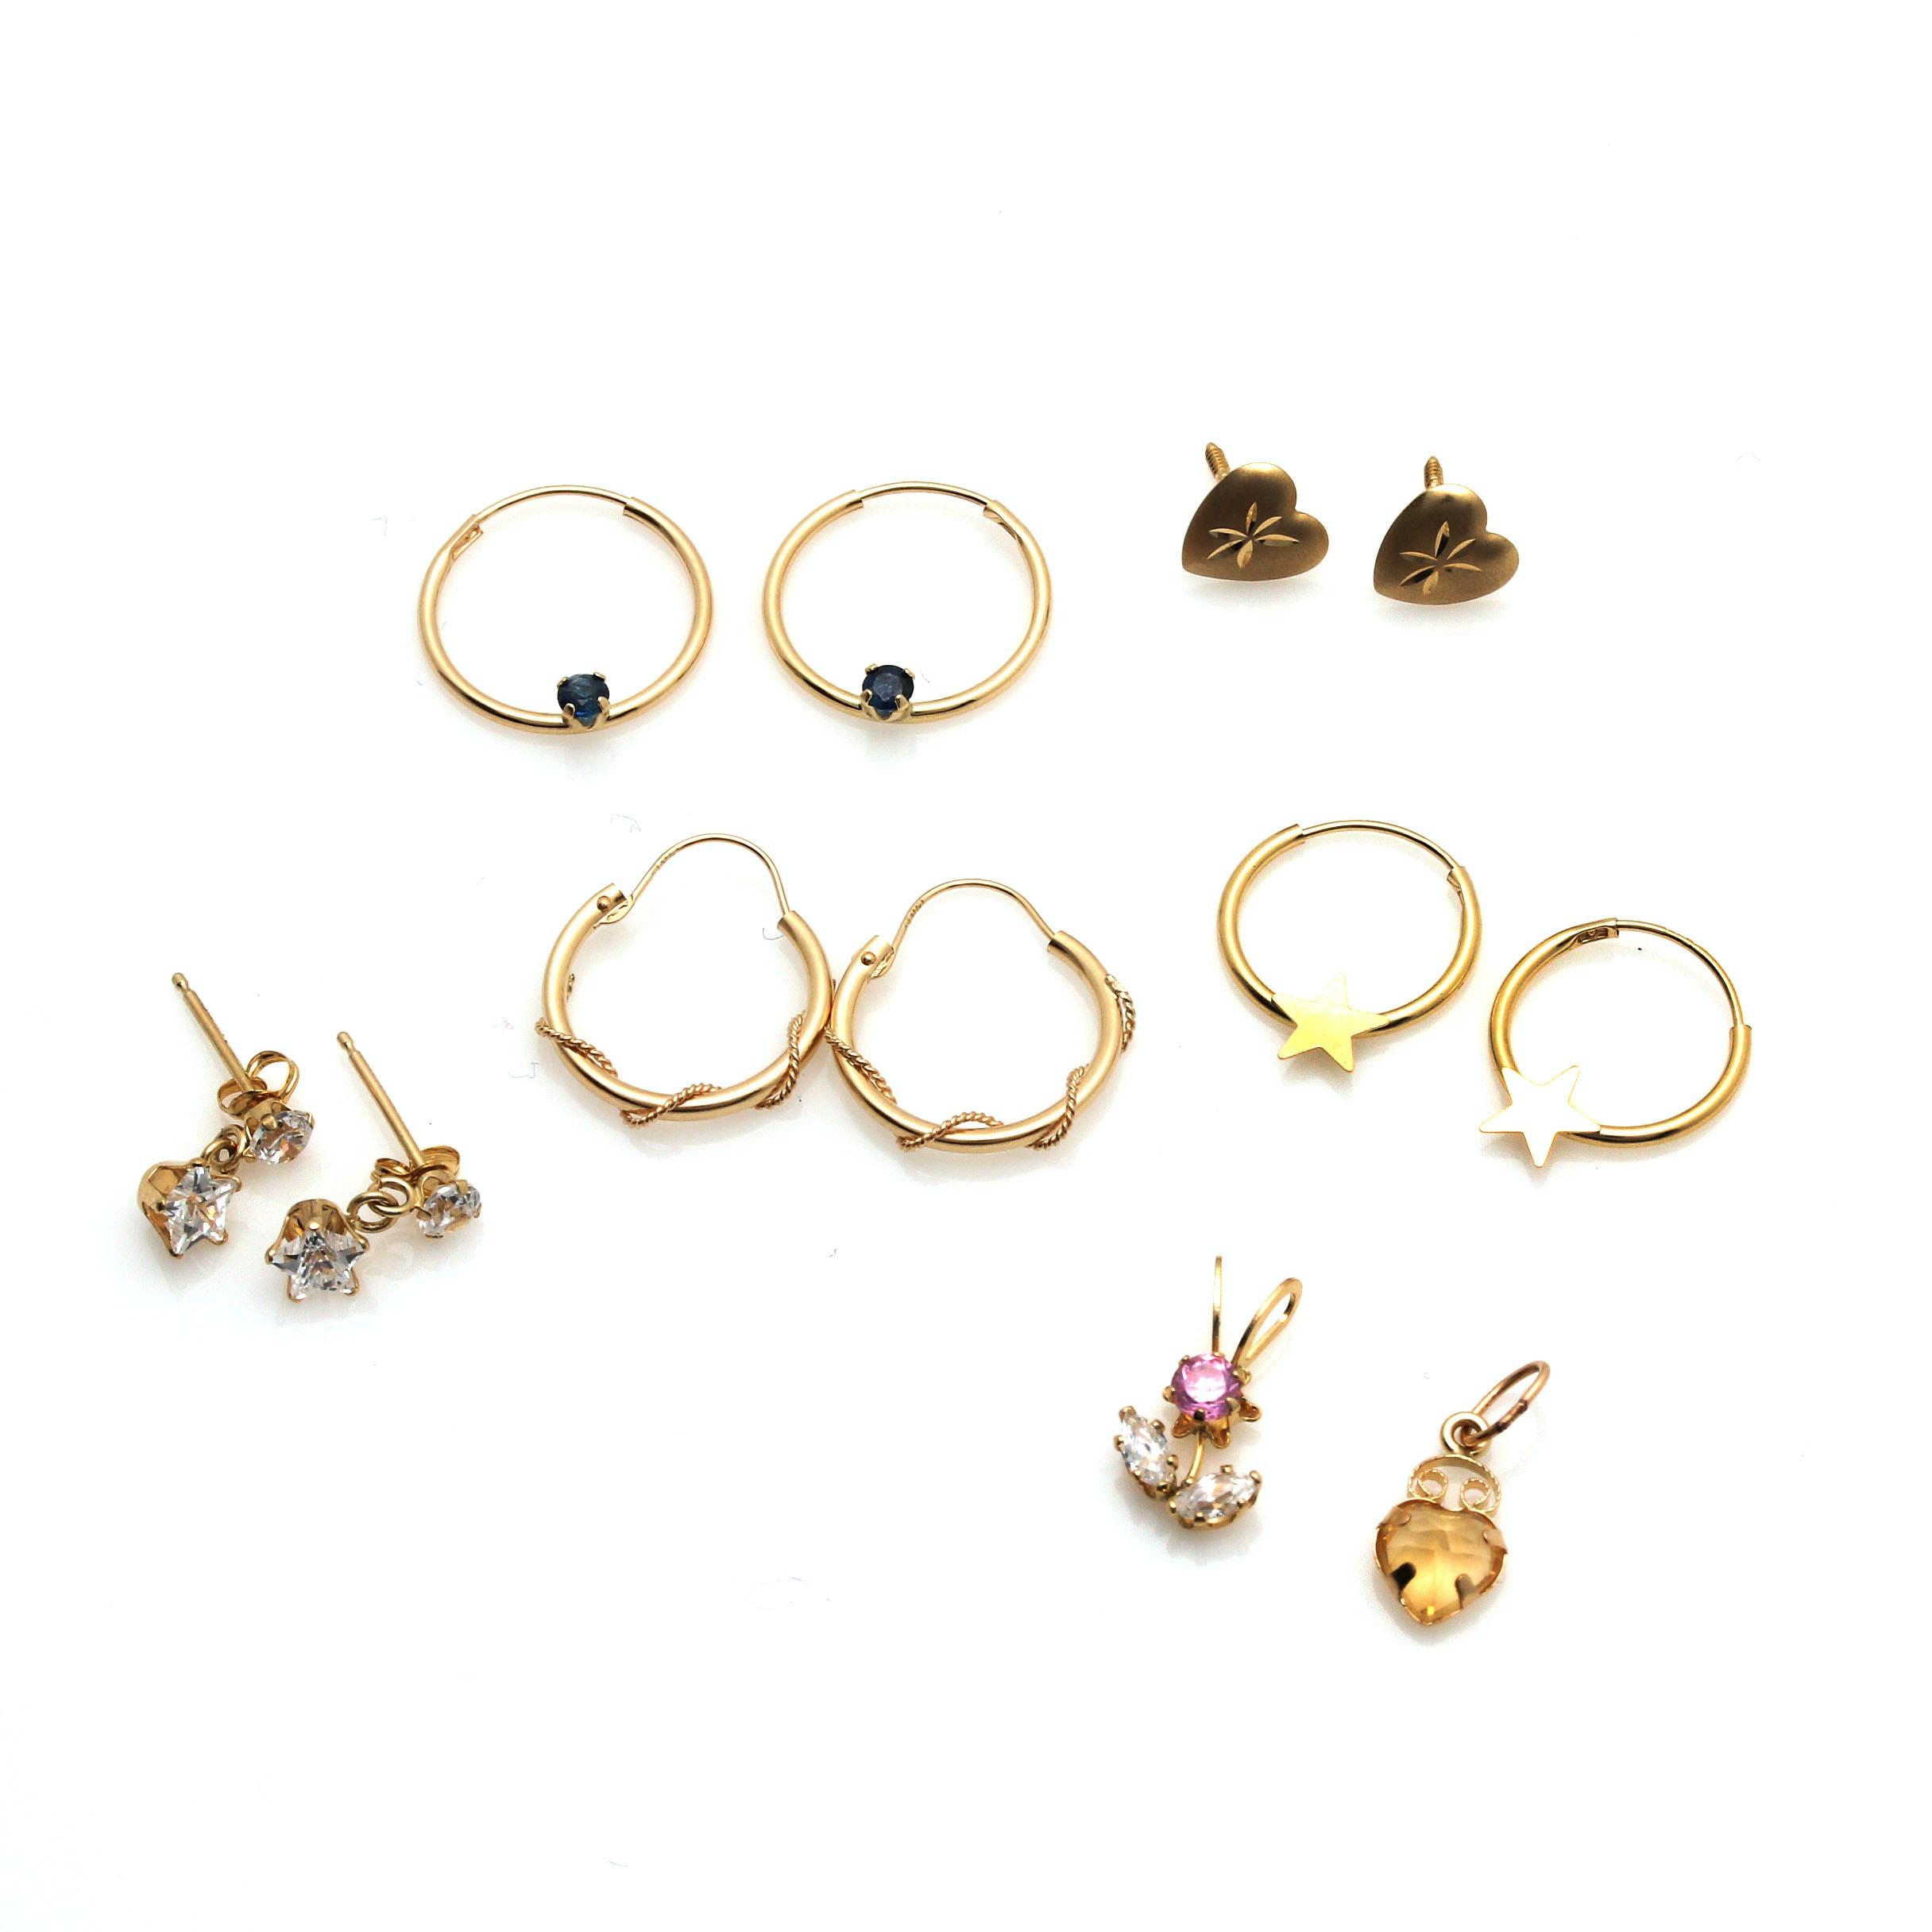 14K Yellow Gold Pendants and Earrings